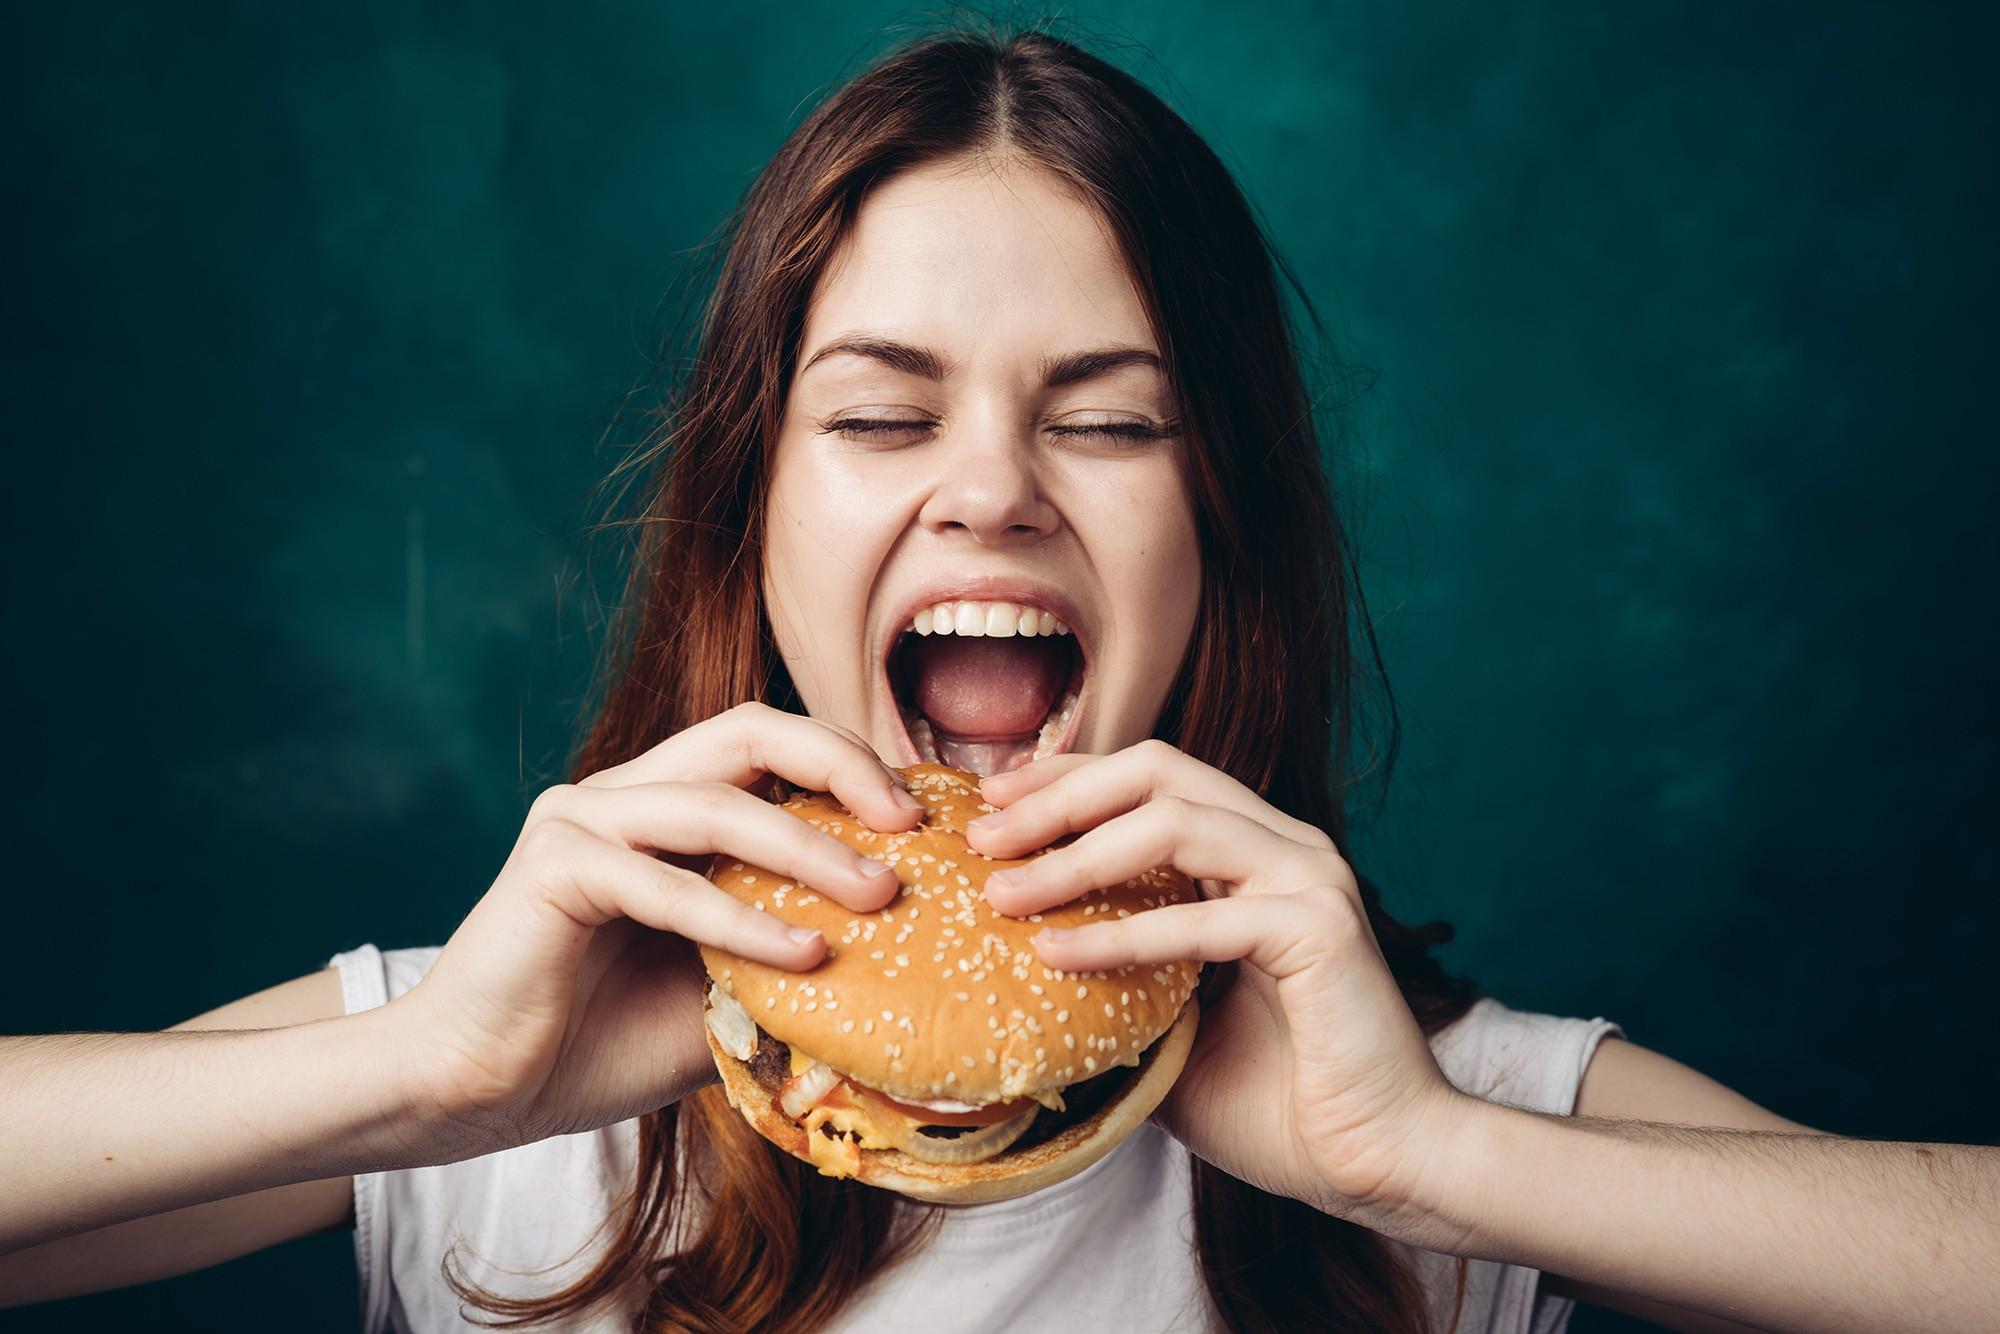 Aşırı Yeme Bozukluğu Belirtileri